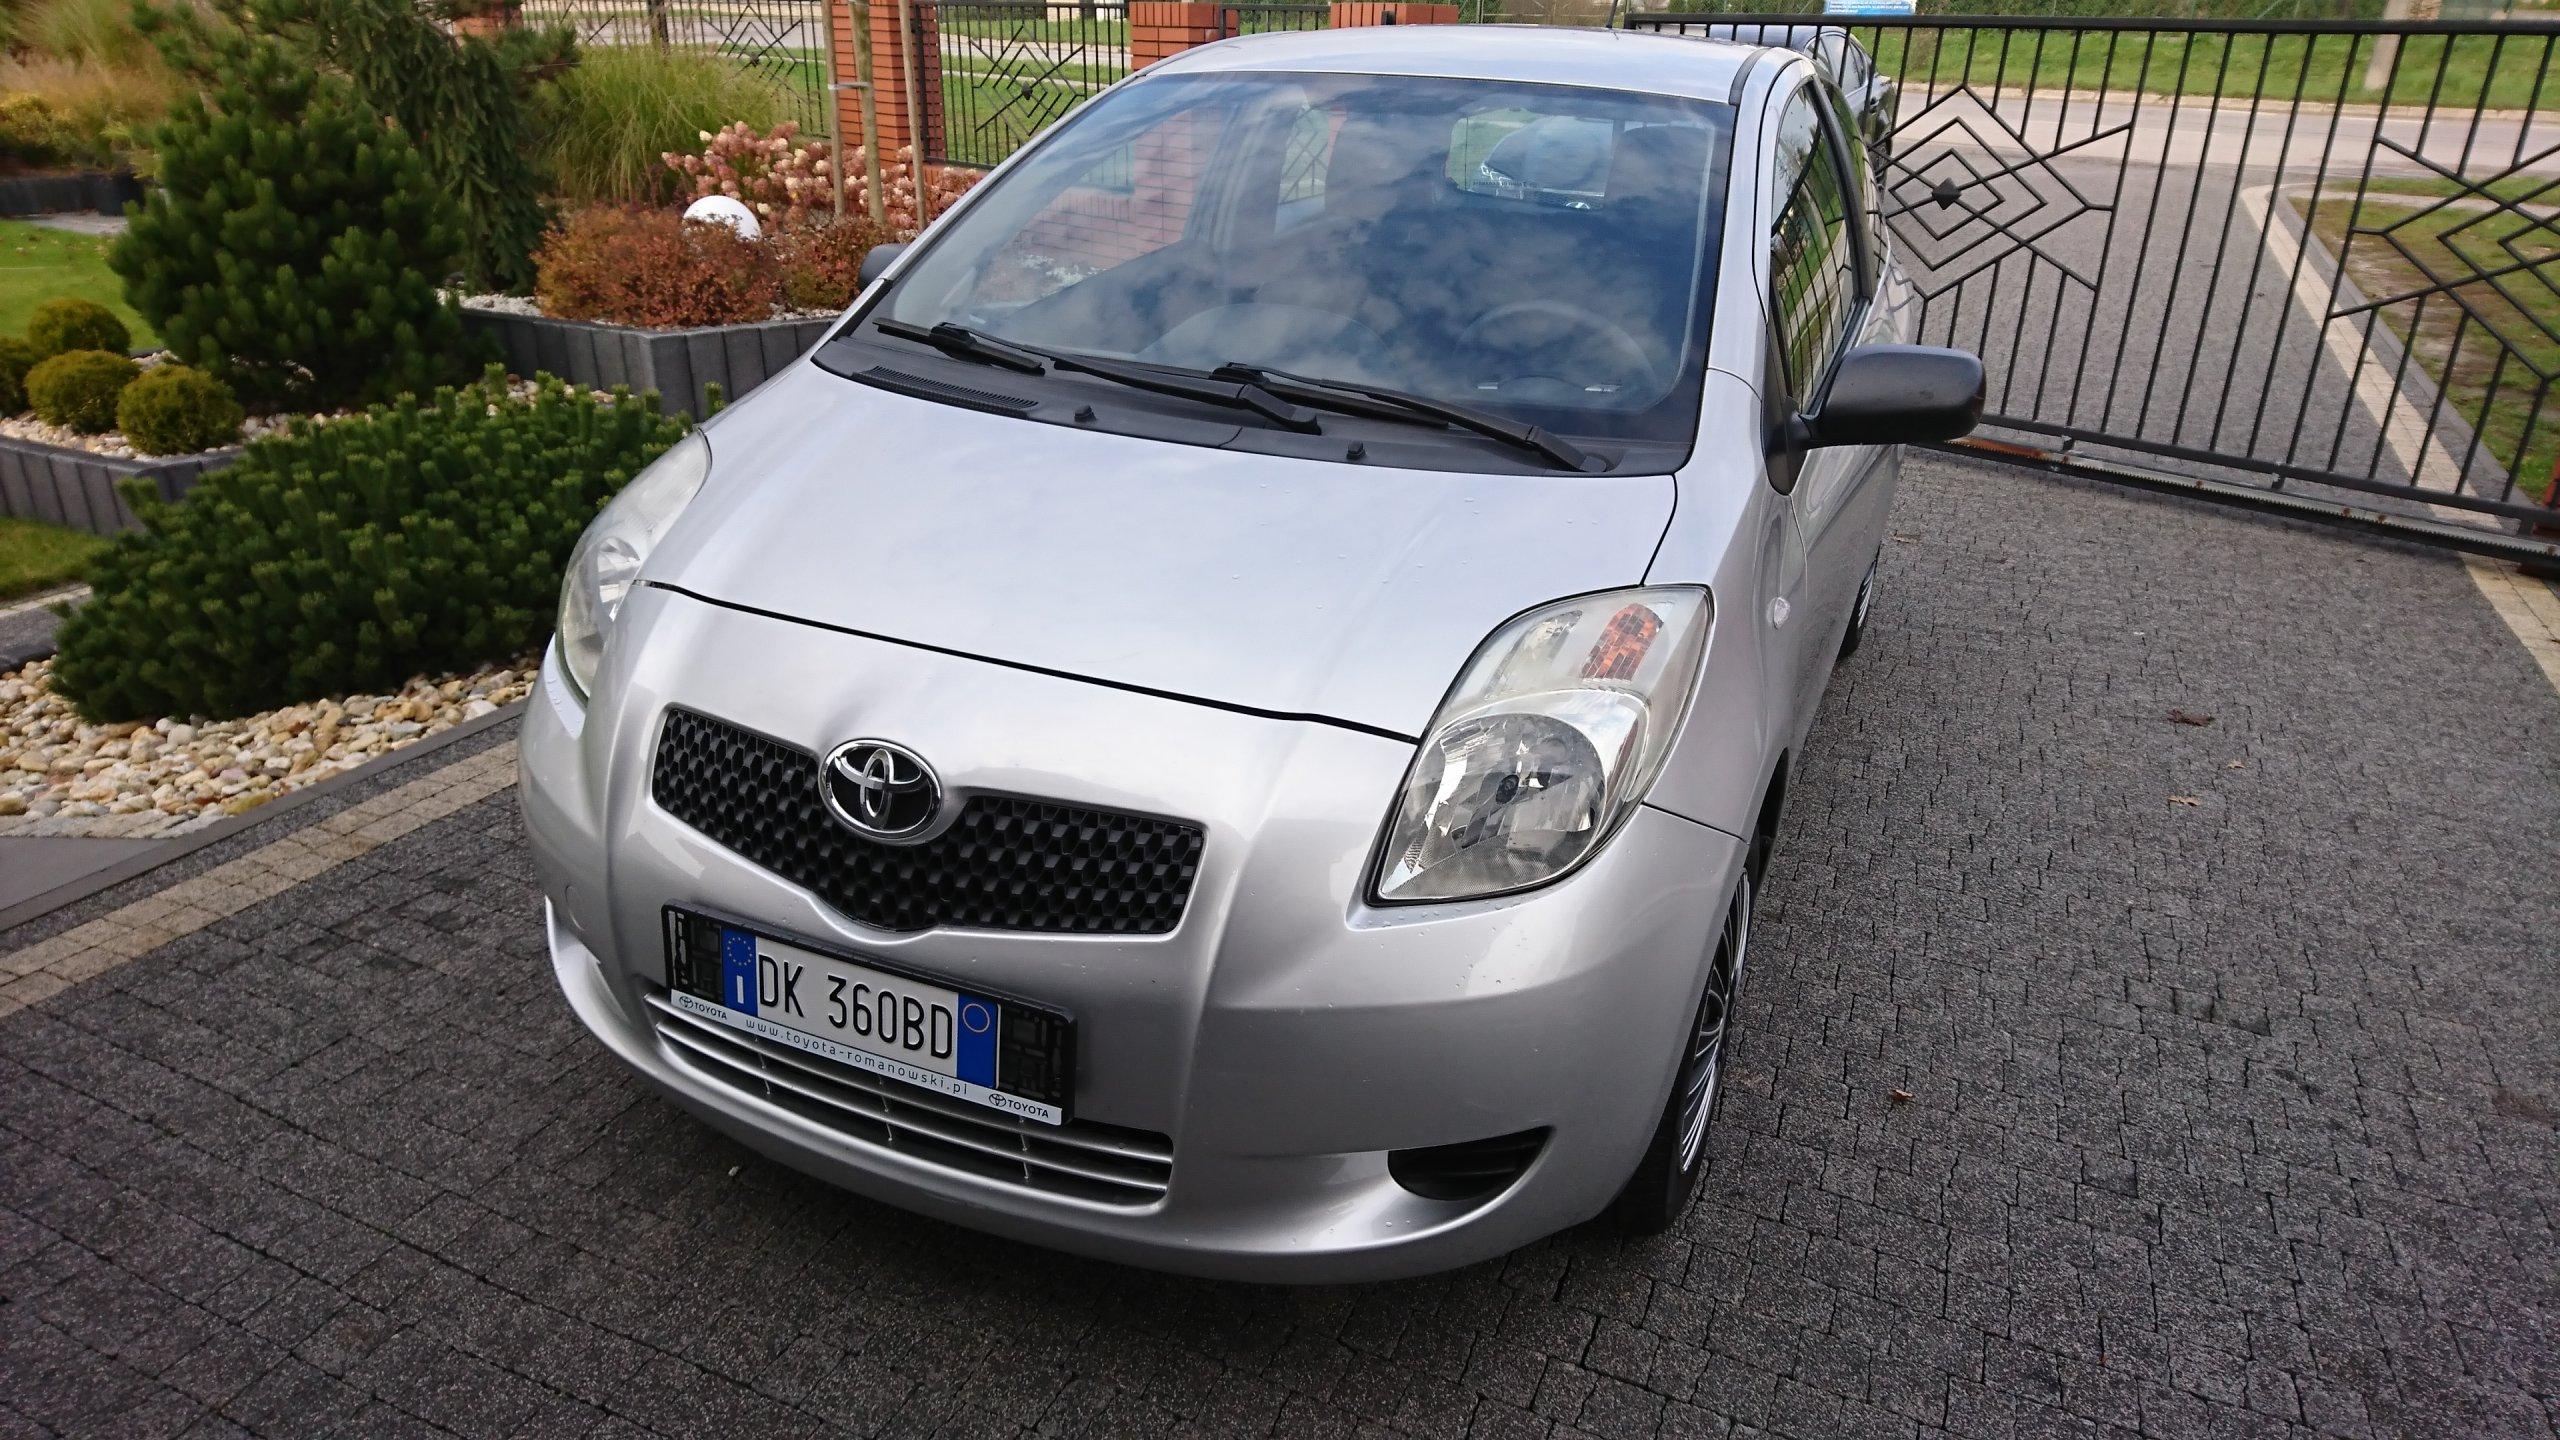 Toyota Yaris 1 0b Klimatyzacja Srebrny Toy Cars 7012303692 Oficjalne Archiwum Allegro